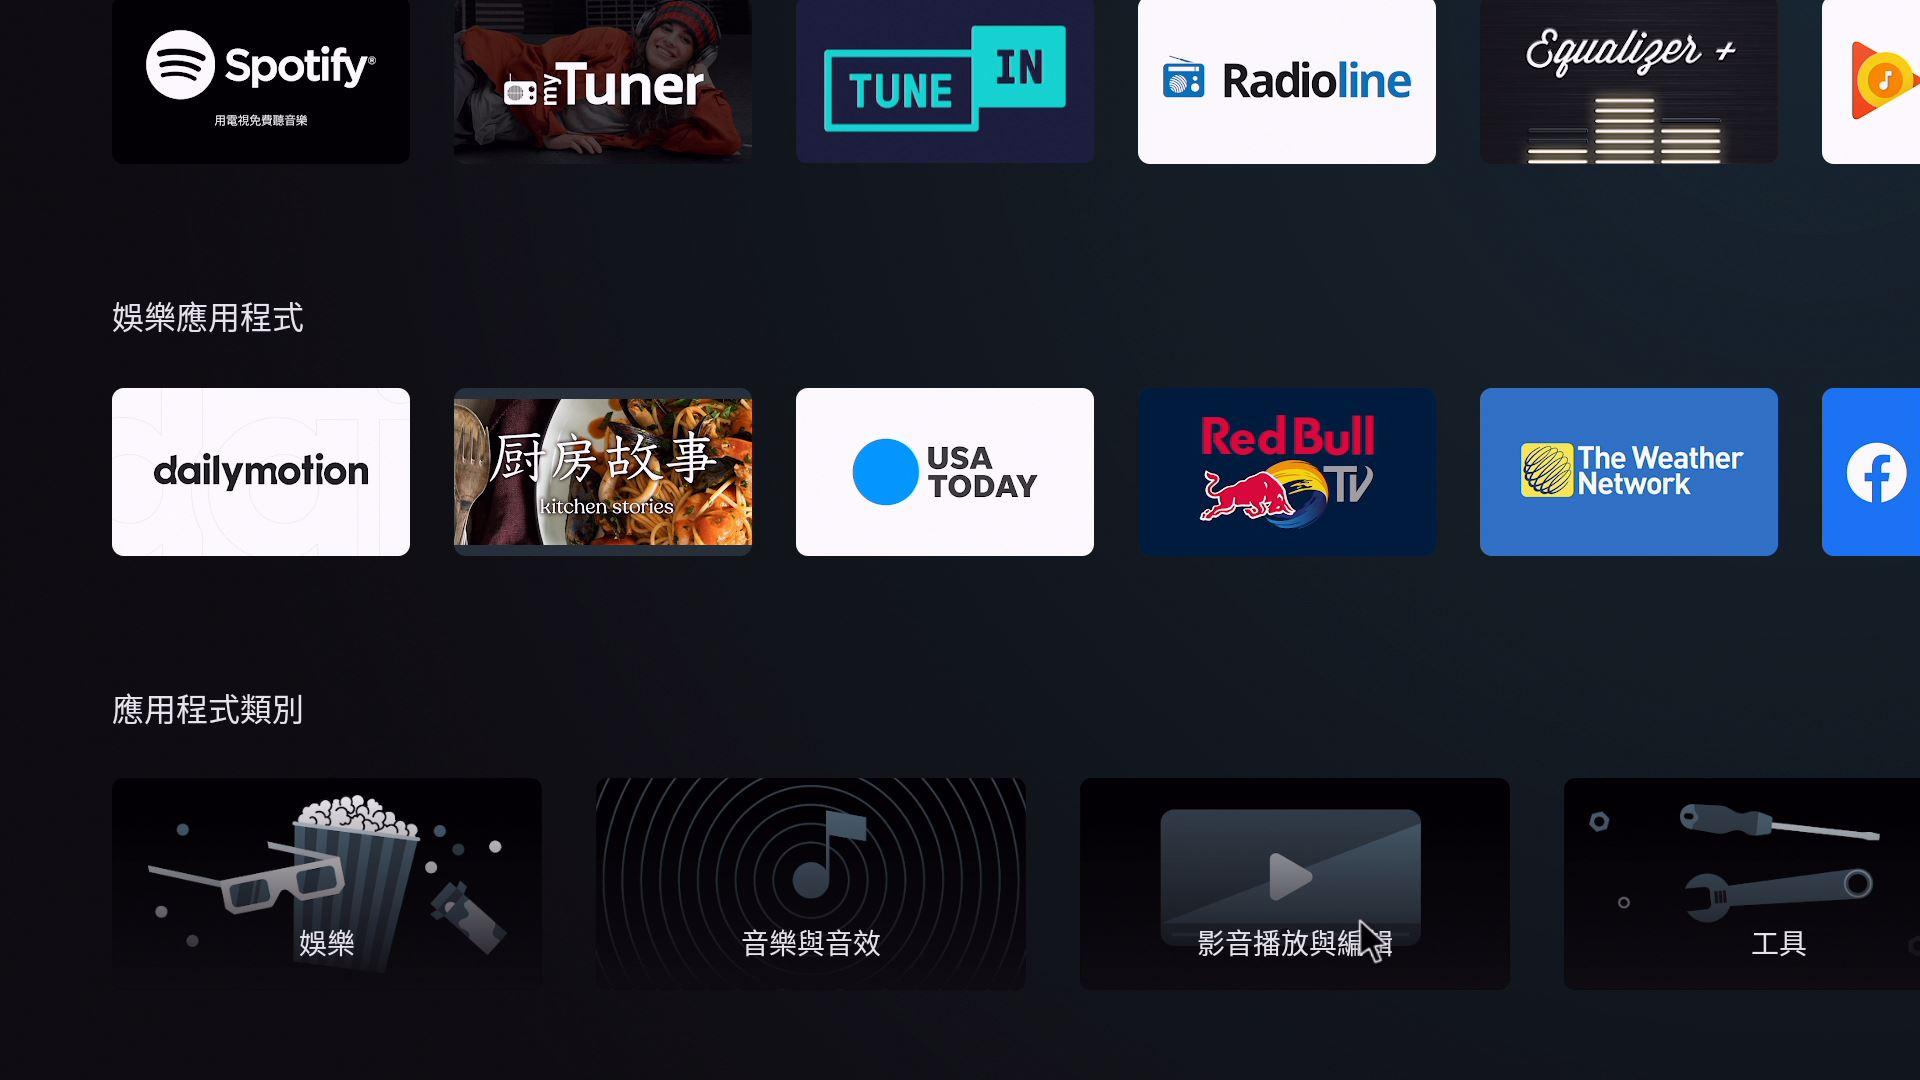 雷爵RockTek G1 4K HDR電視盒-無痛升級Google授權Android TV系統,語音助理免動手 - 44